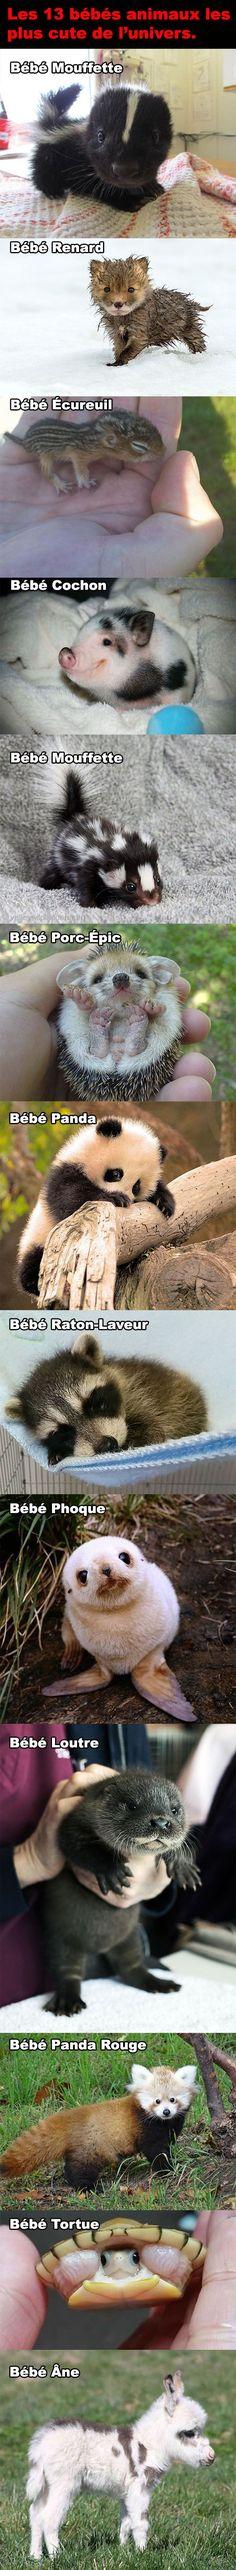 Les 13 bébés animaux les plus cute